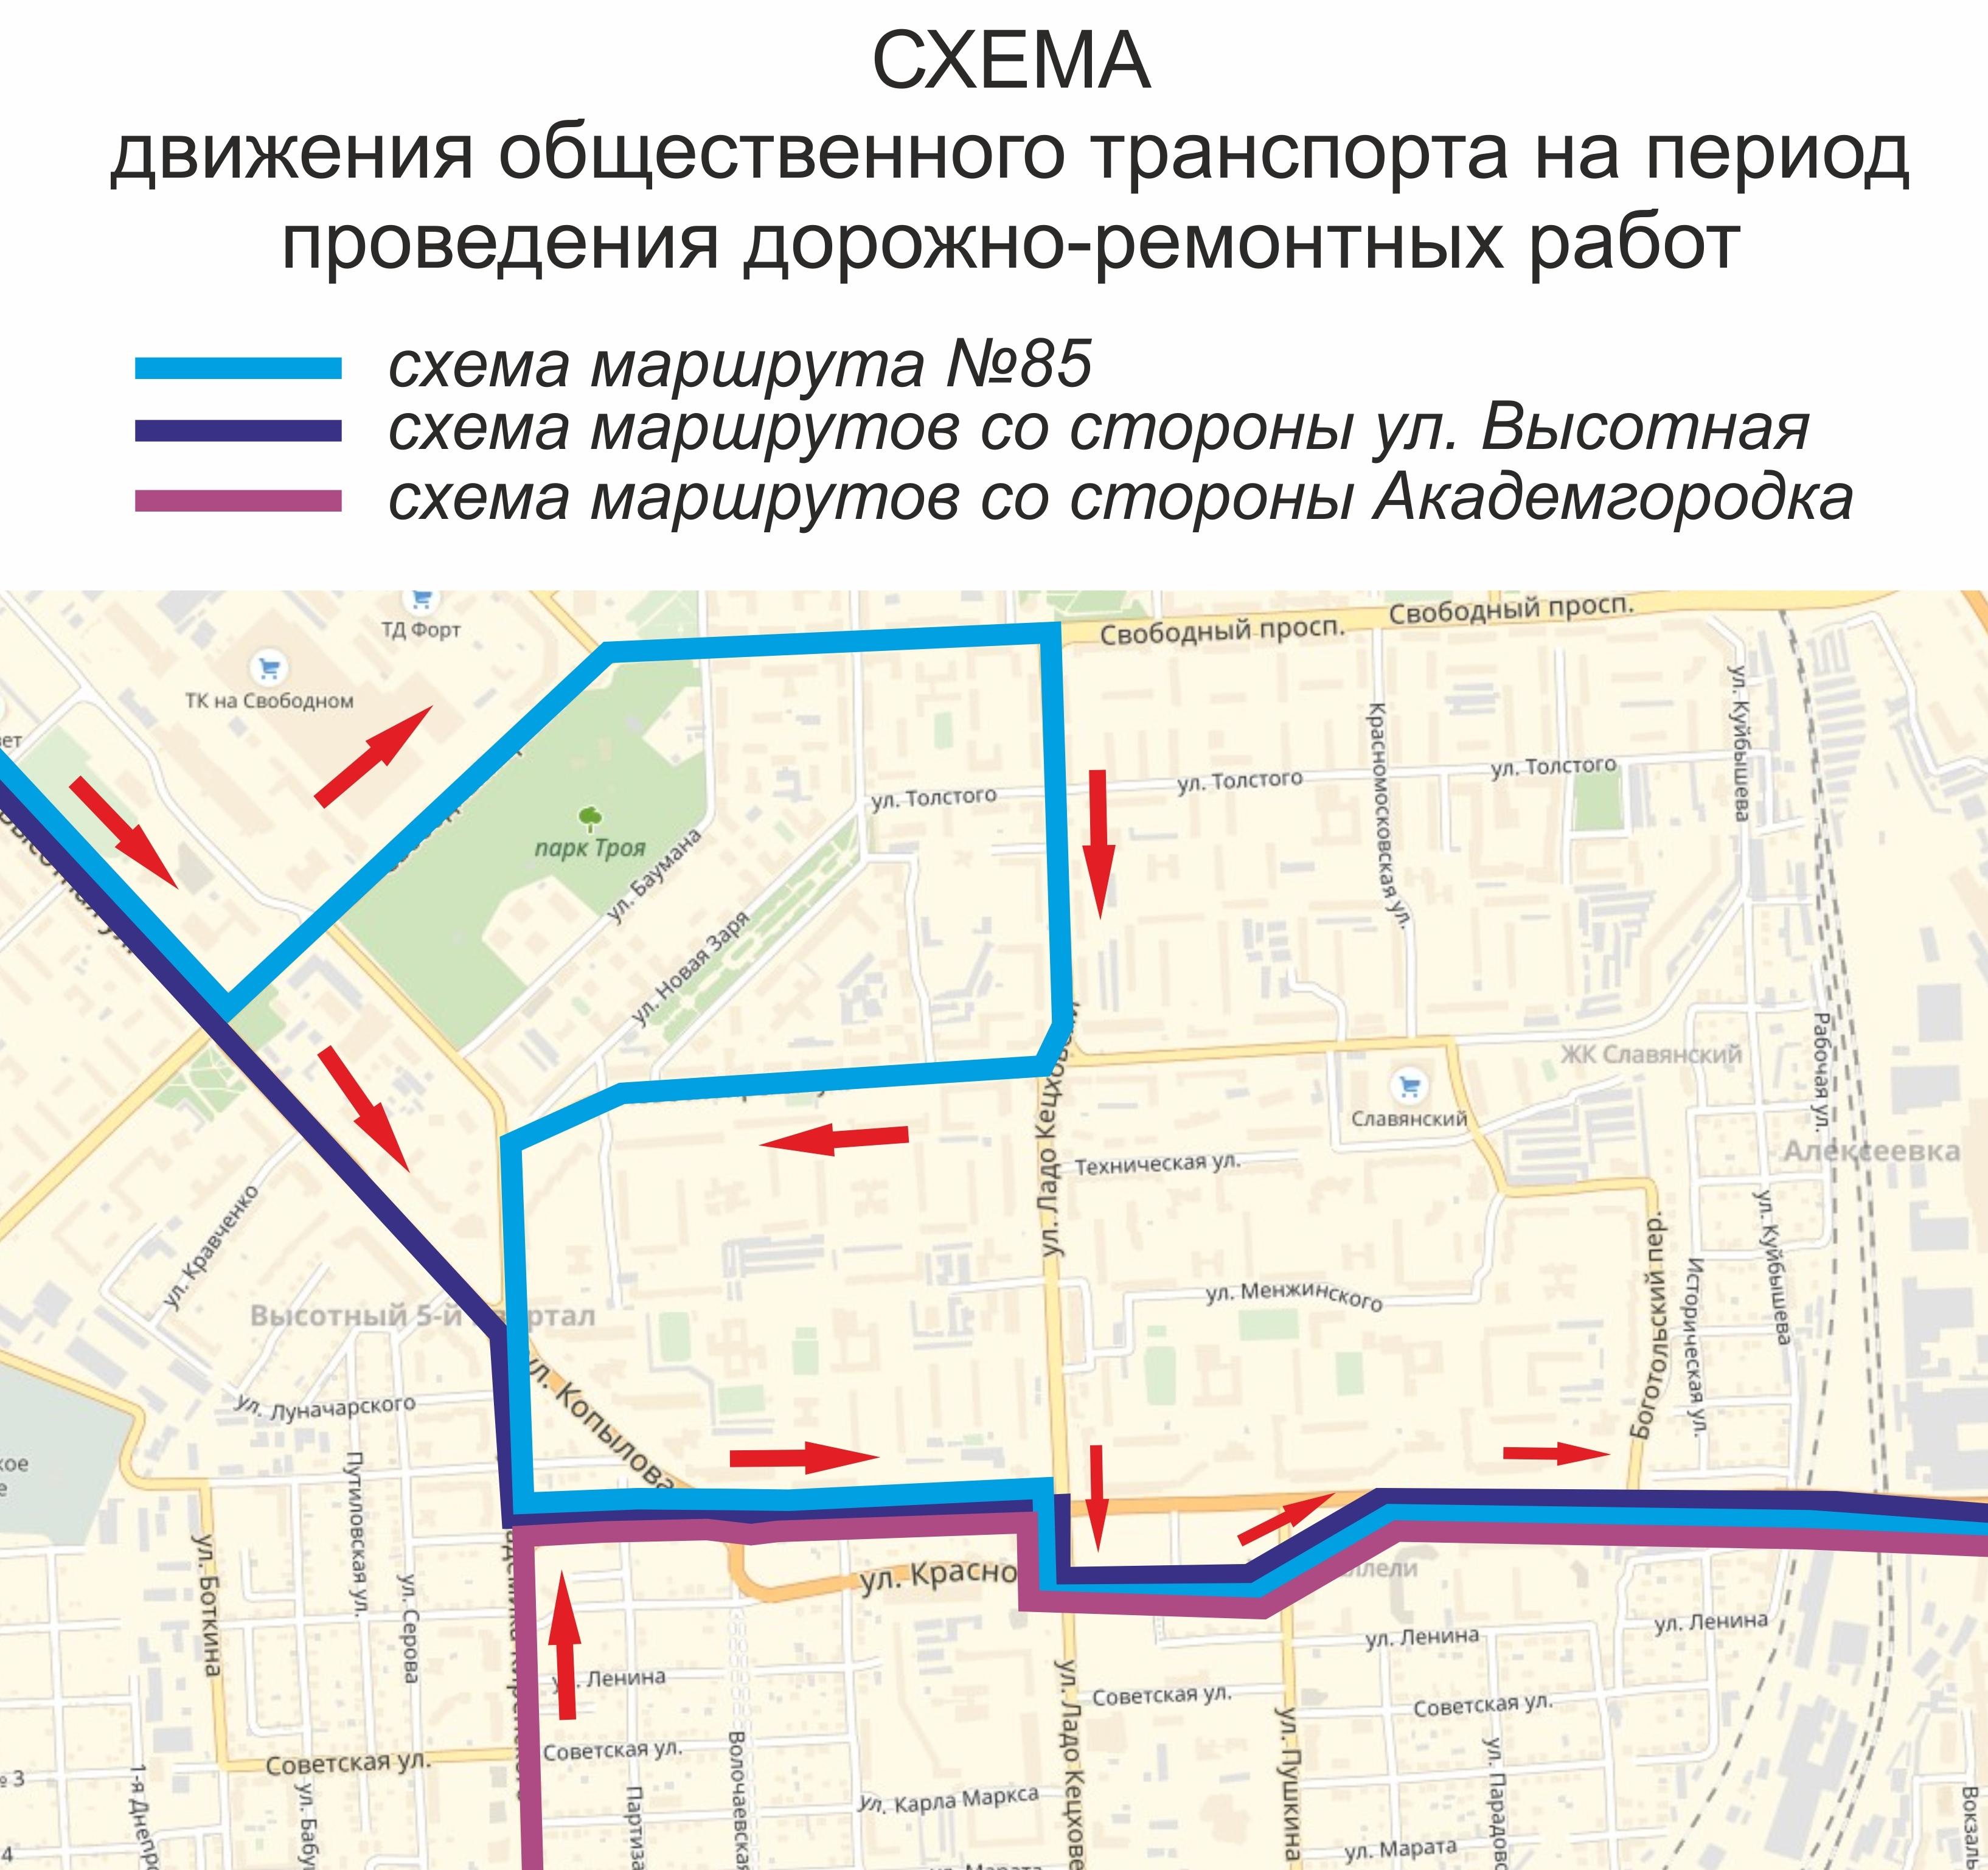 Схема маршрутов автобусов красноярск фото 682